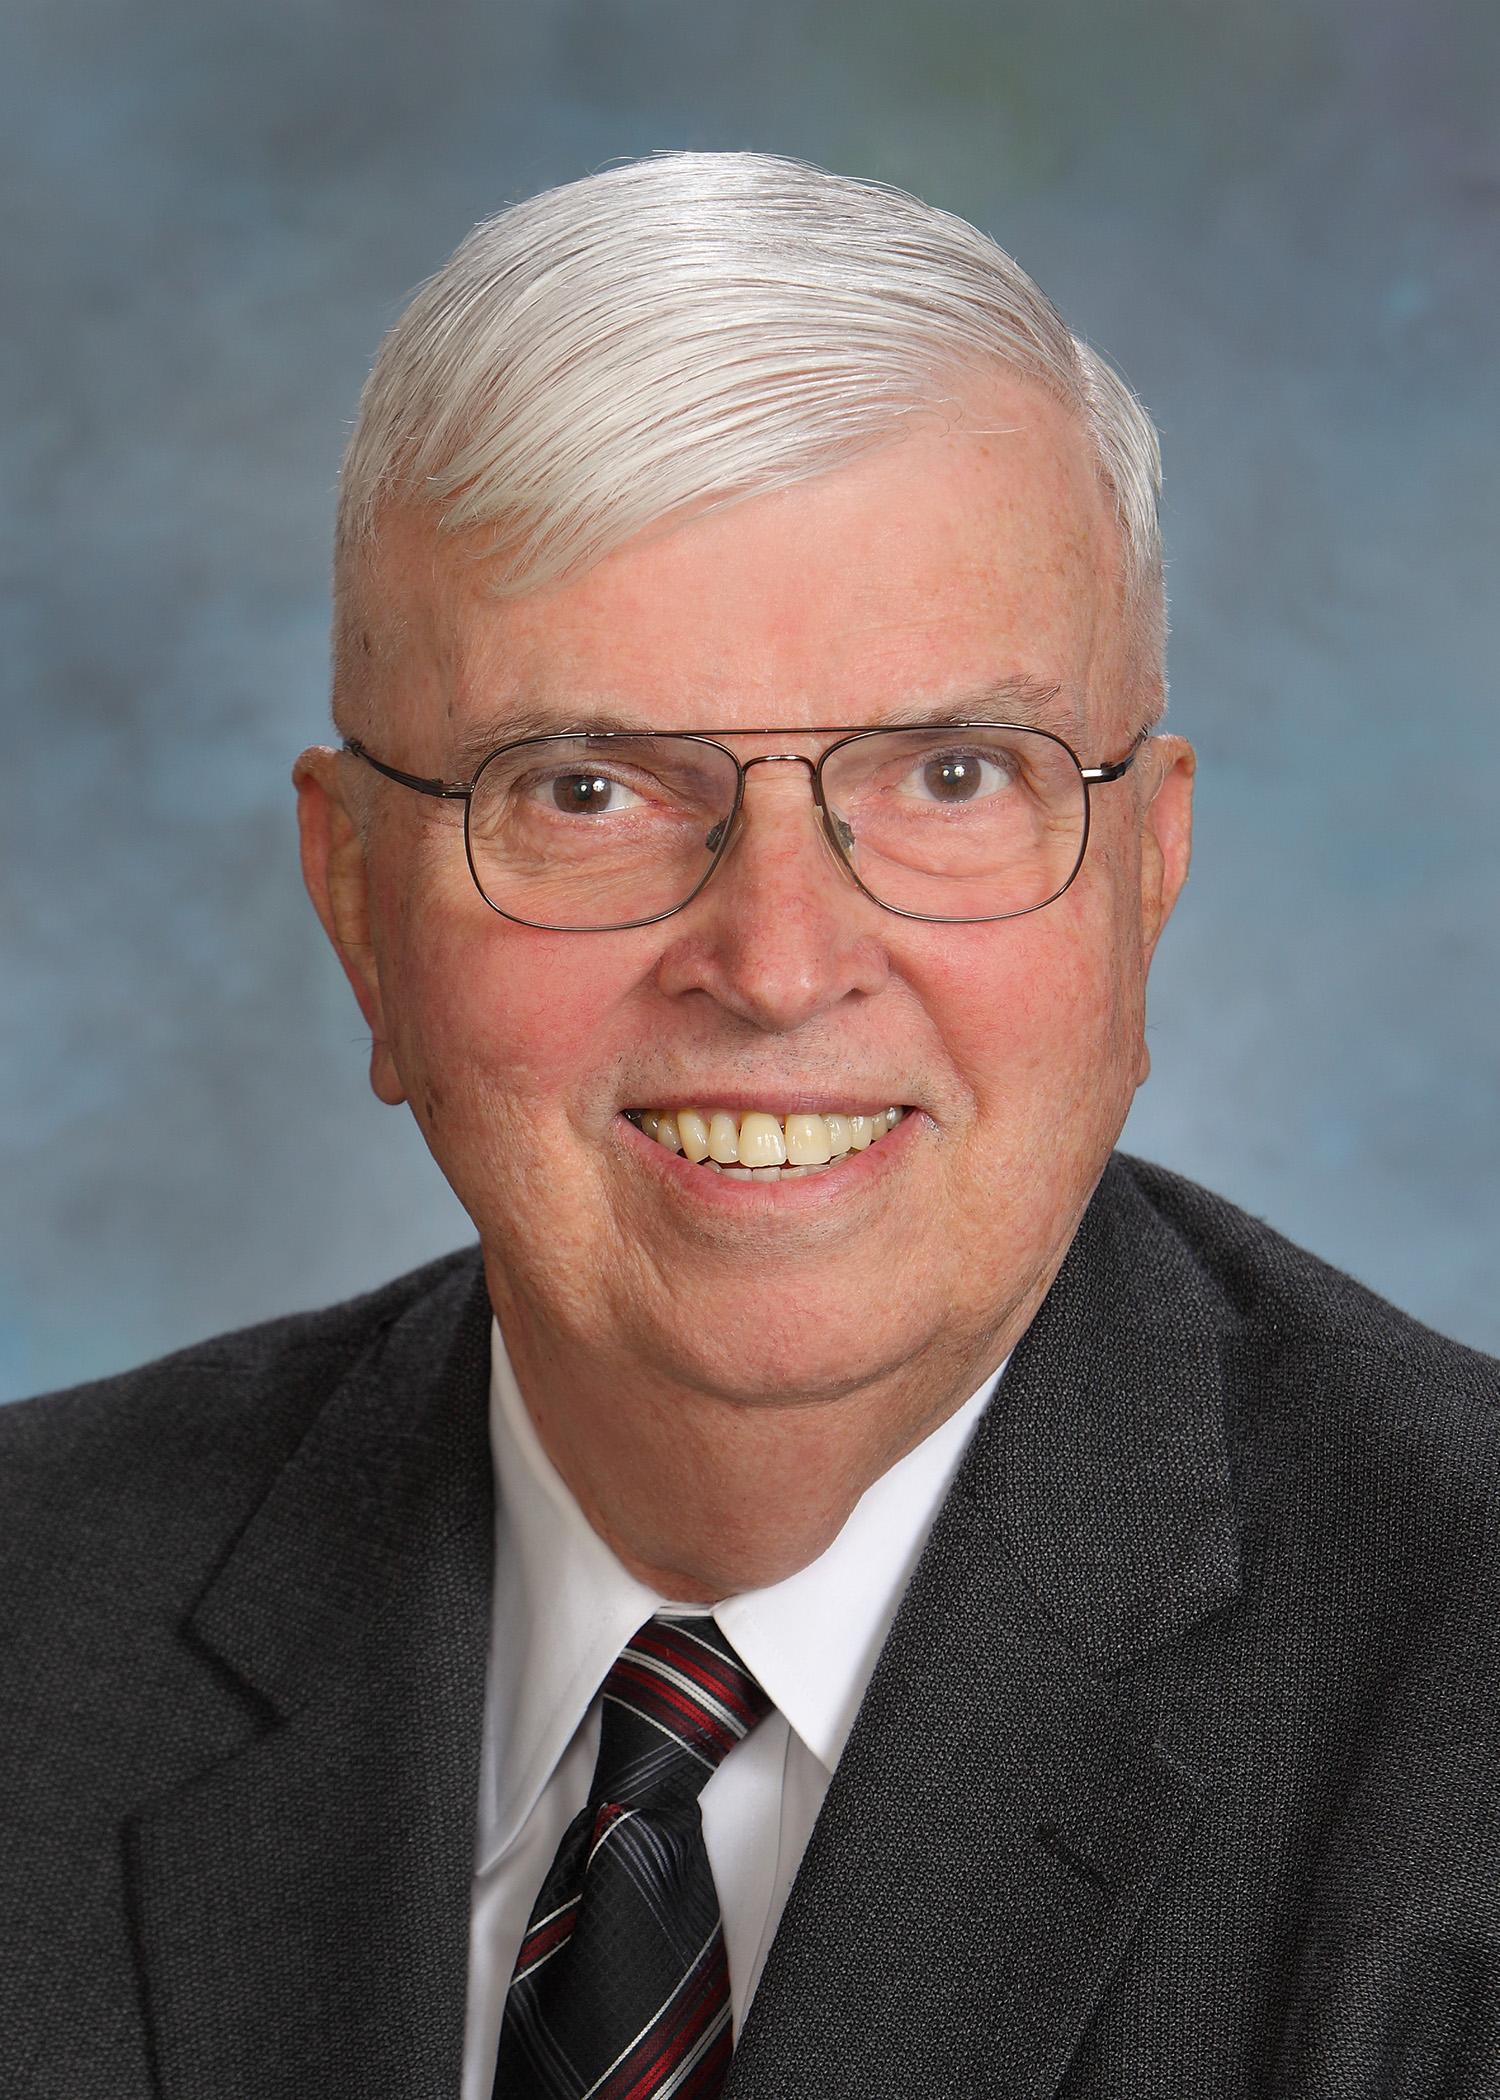 Richard Huckaby